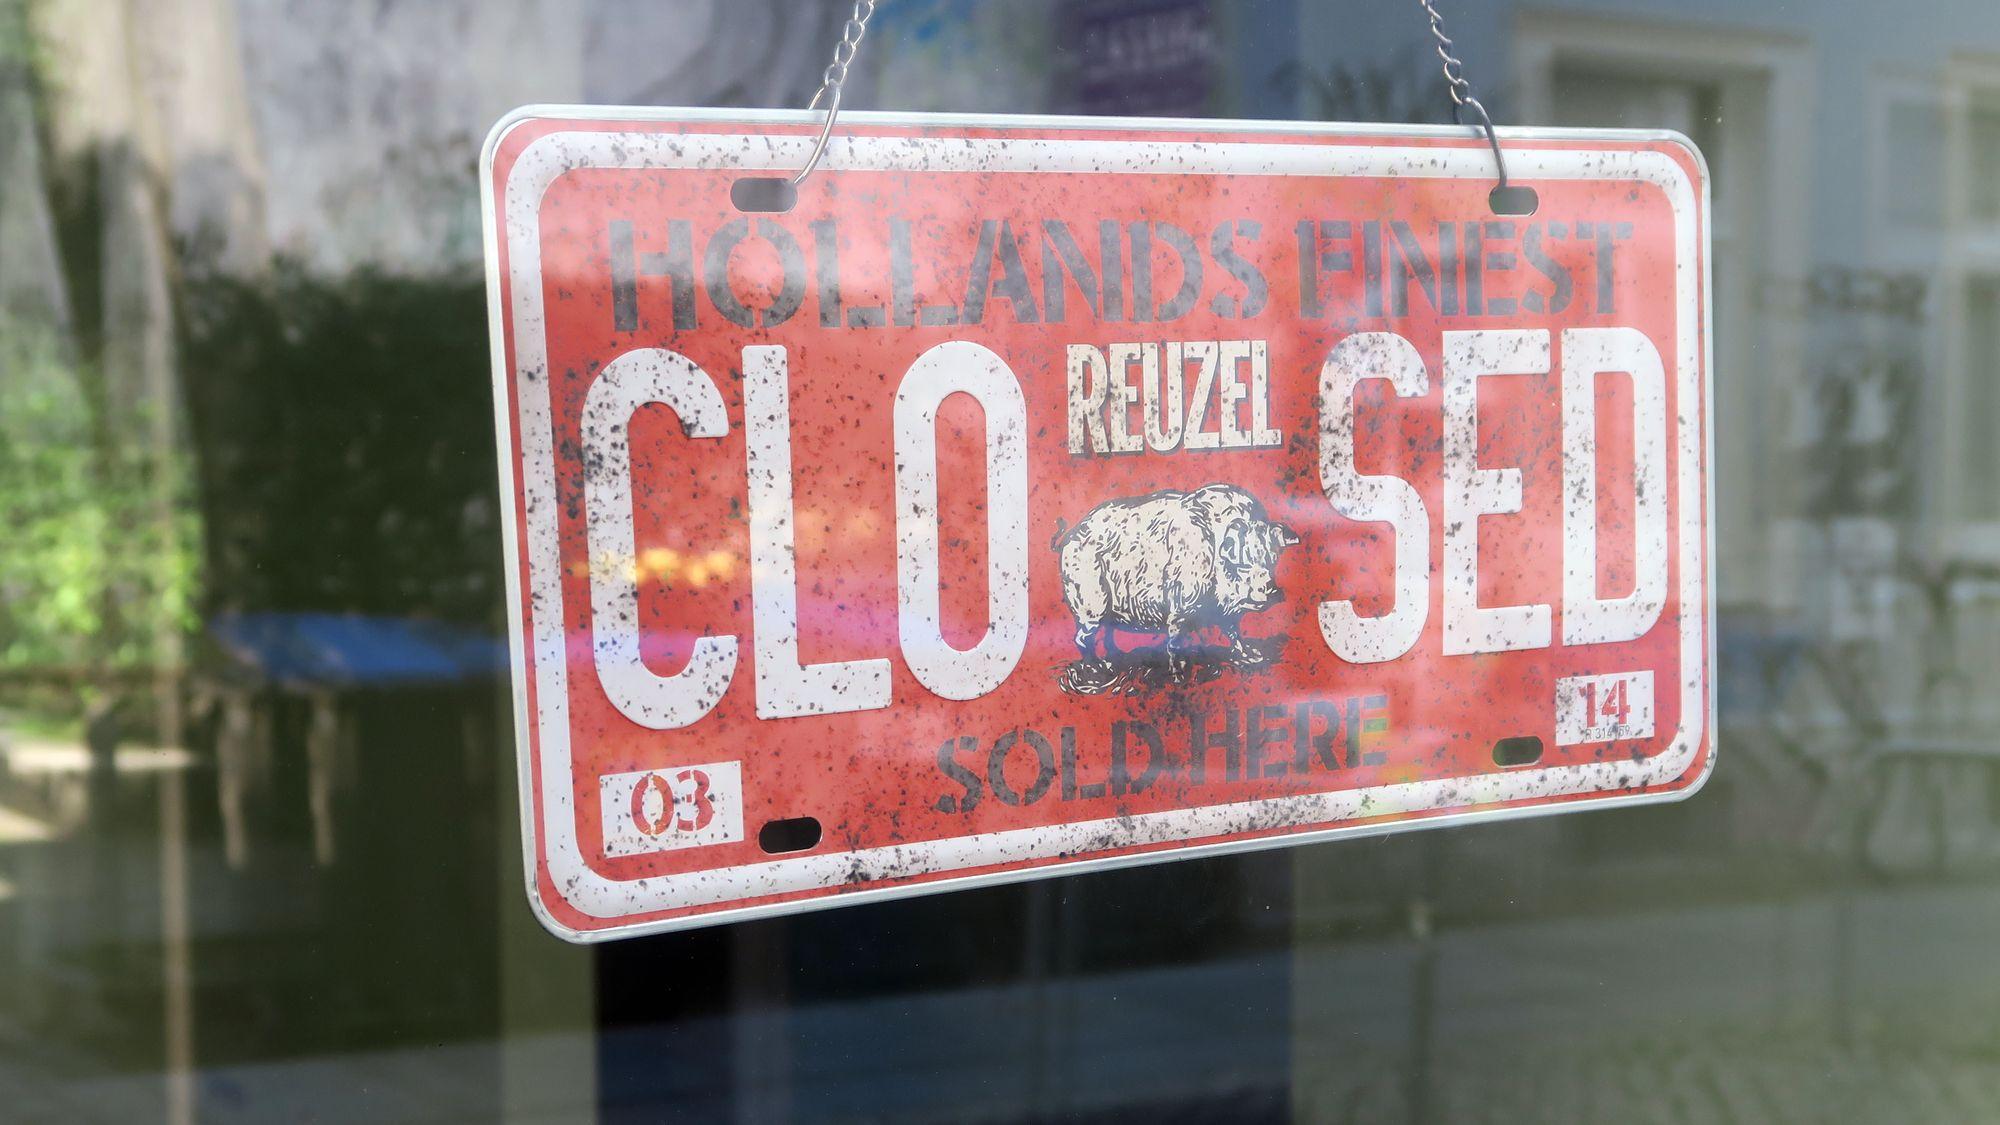 Closed - Geschlossen